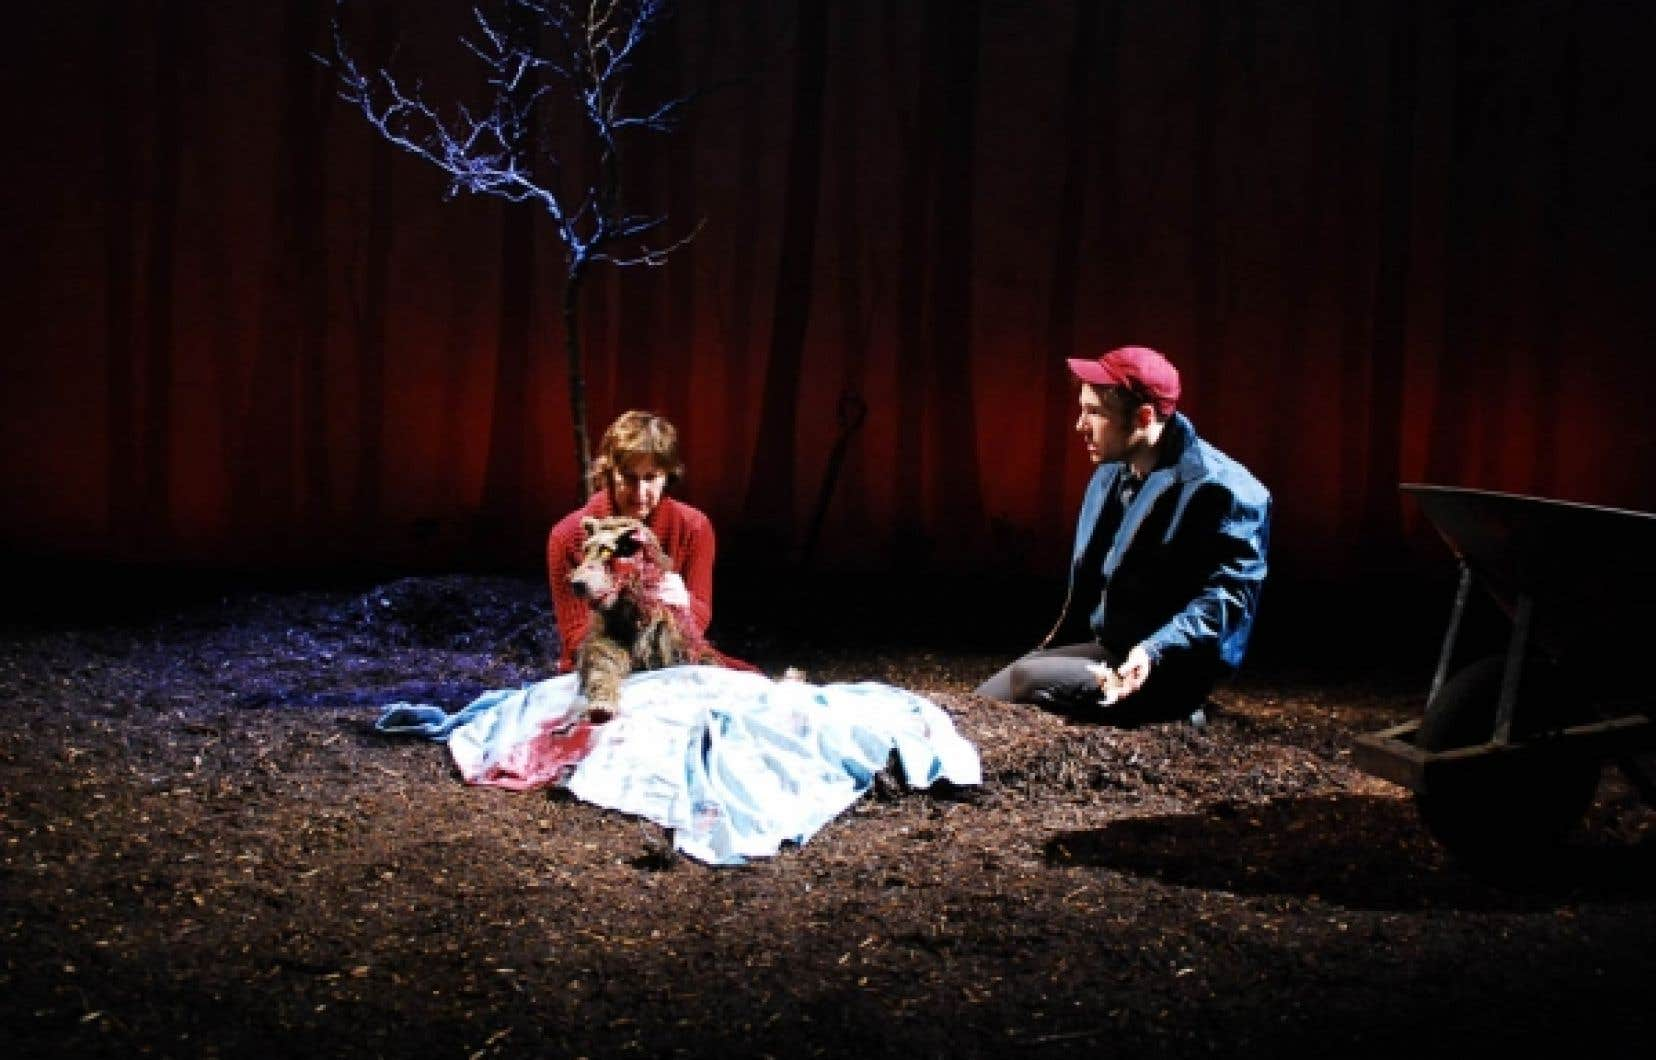 Transmissions, de Justin Laramée, témoigne de l'arrivée d'une nouvelle voix dans la dramaturgie québécoise.<br />